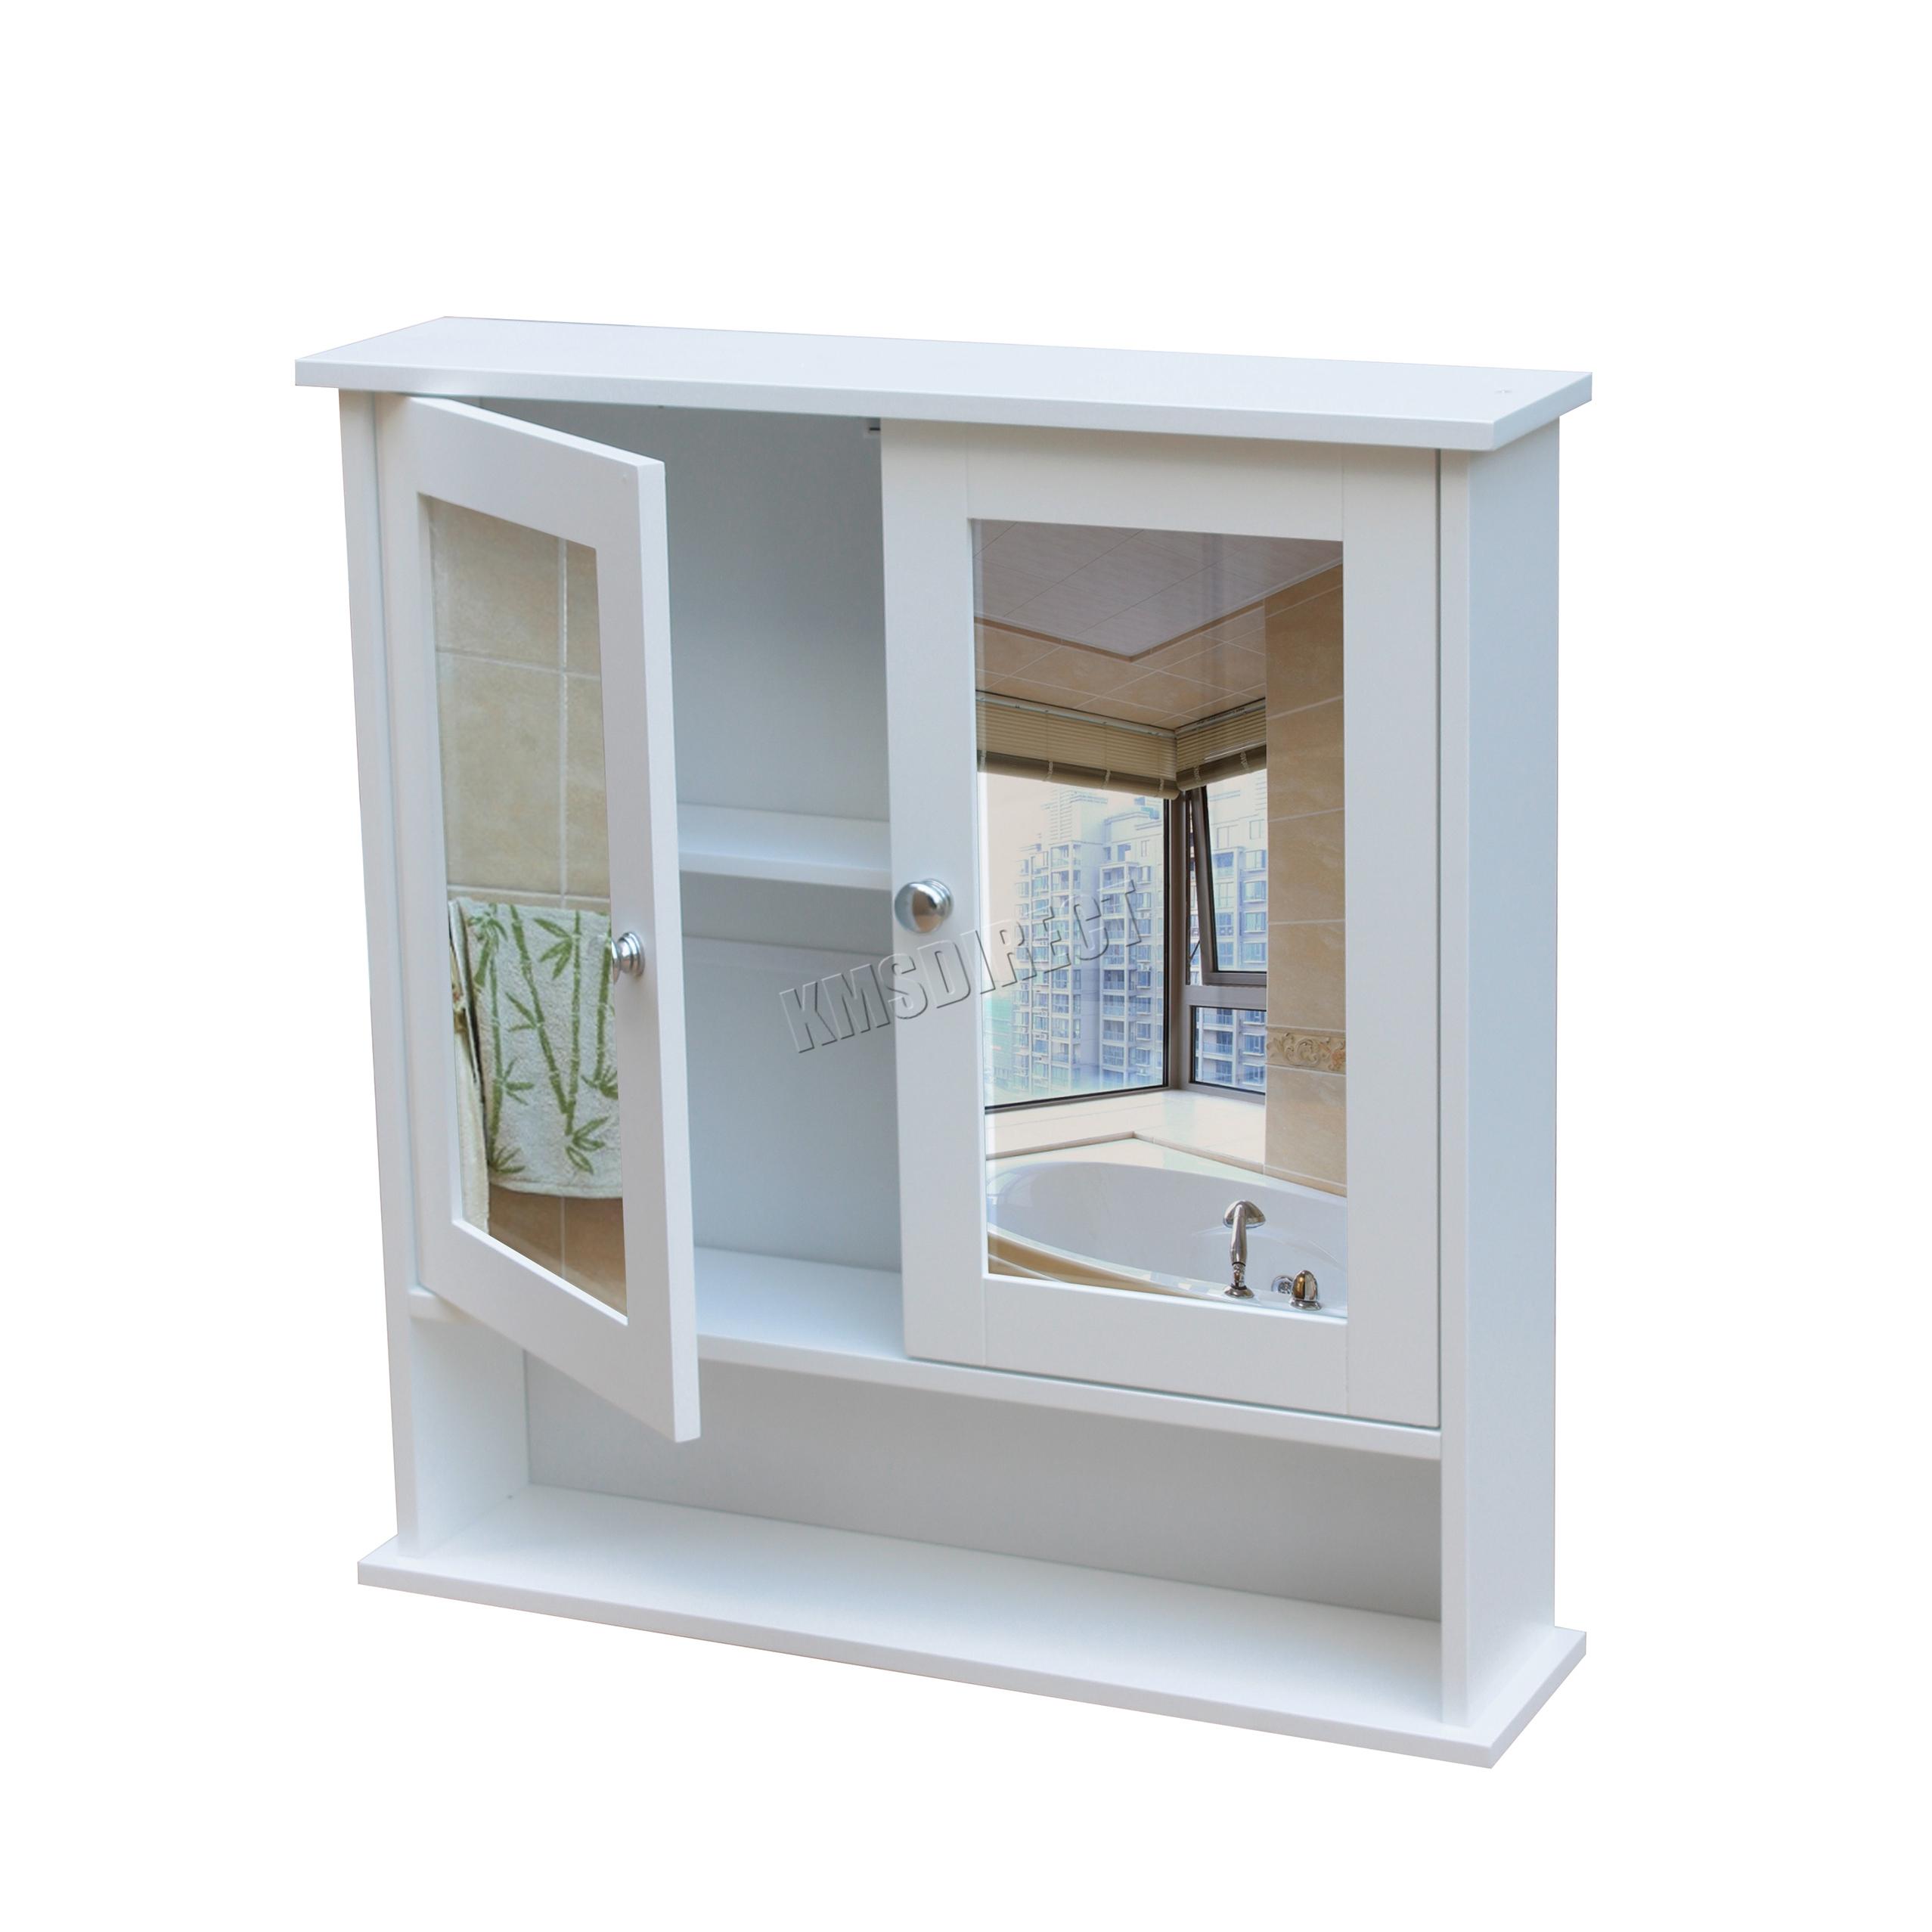 Westwood soporte de pared espejo gabinete de ba o unidad for Espejo con almacenaje